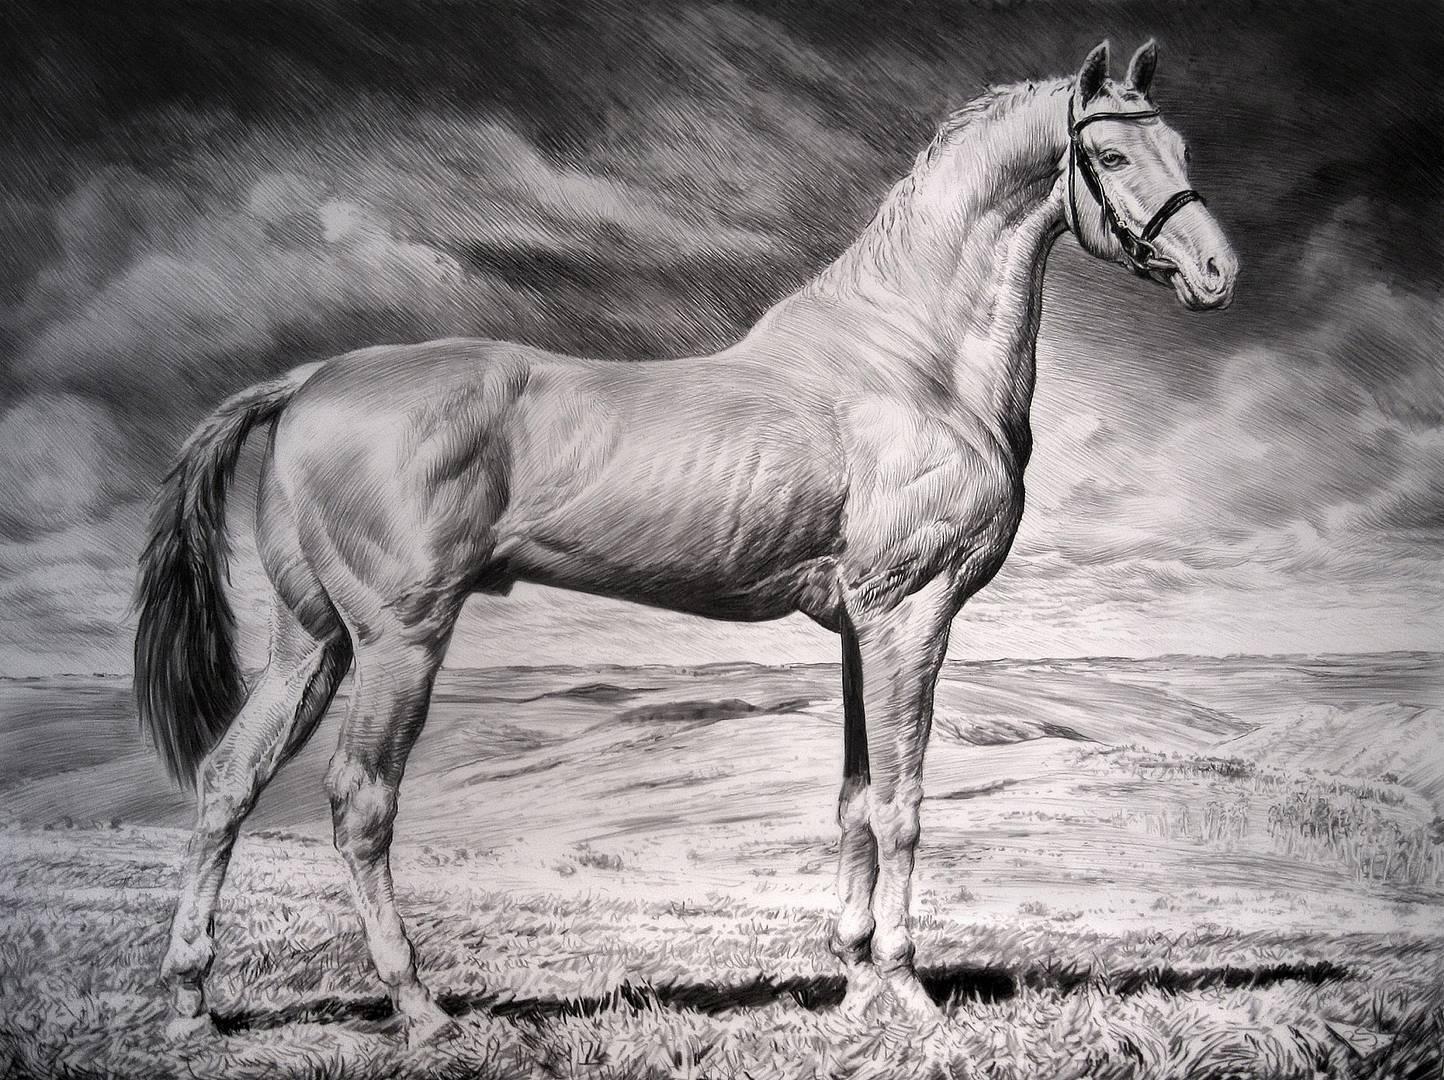 Рик Шайфер. Ахалтекинец IV. 2016. (Ахалтекинская порода, также называемая «небесной лошадью» — одна из древнейших верховых пород, создана народной селекцией в районах нынешней Туркмении)